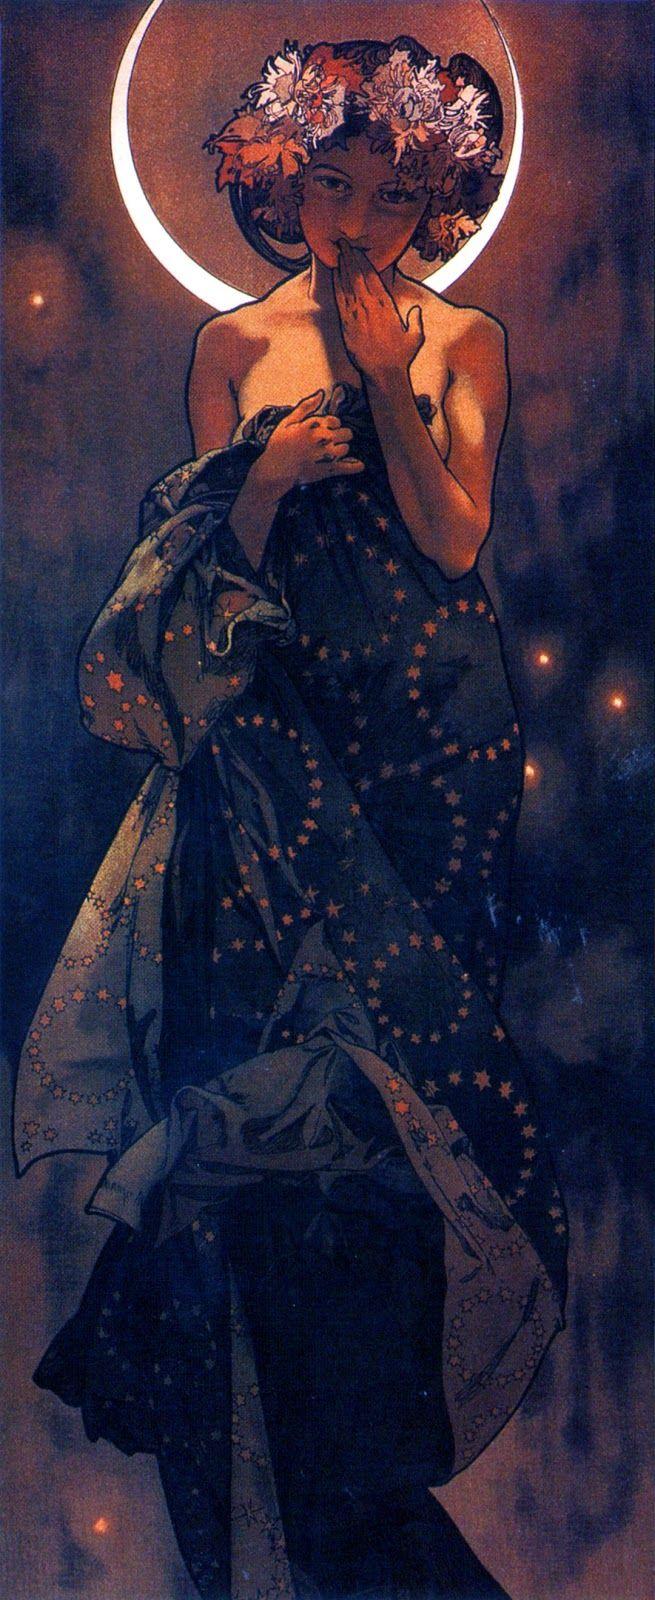 Alphonse Mucha Moon | Moon+%26+Stars+-+The+Moon+by+Alphonse+Mucha+1902.jpg